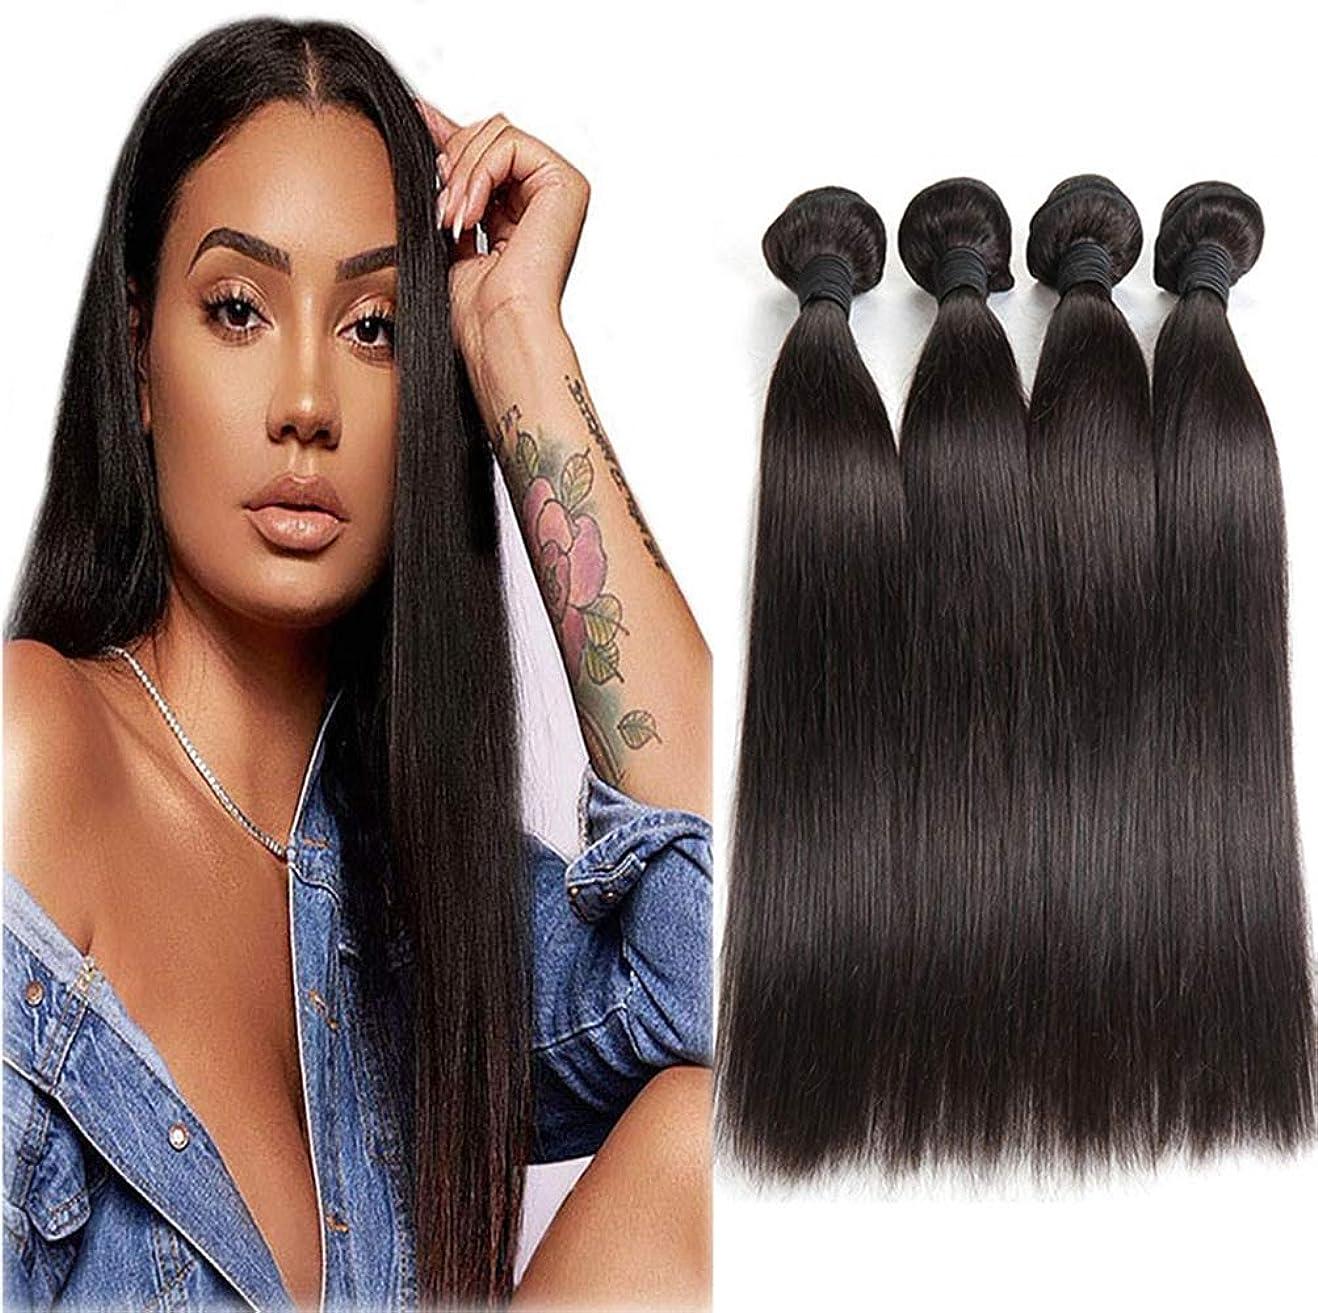 タックル消防士軽減する女性の髪織り9Aブラジルストレートヘアバンドル安いブラジル髪バンドルストレート人間の髪バンドル黒